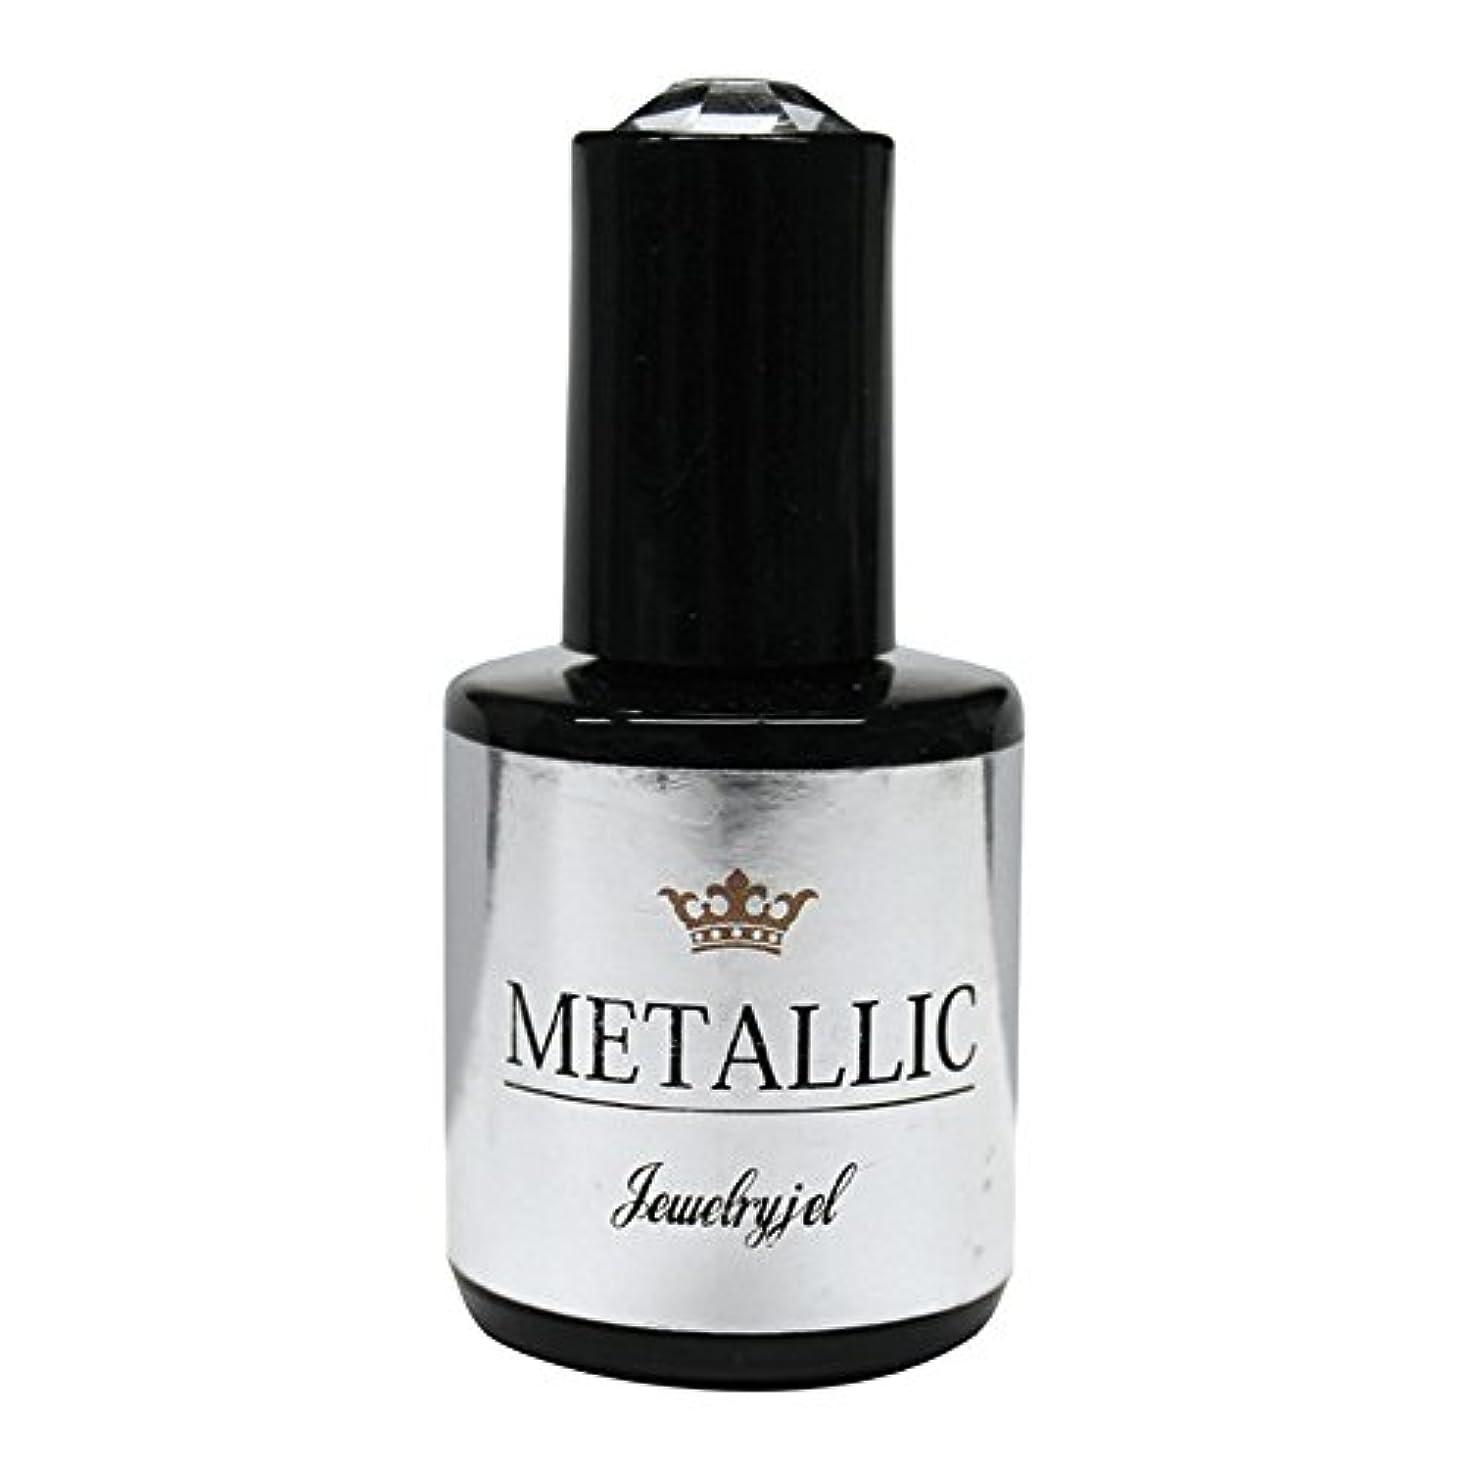 ハッピーゴミ崇拝しますジュエリージェル ジェルネイル  メタリックカラージェル MT027 5ml   UV/LED対応 カラージェル ソークオフジェル